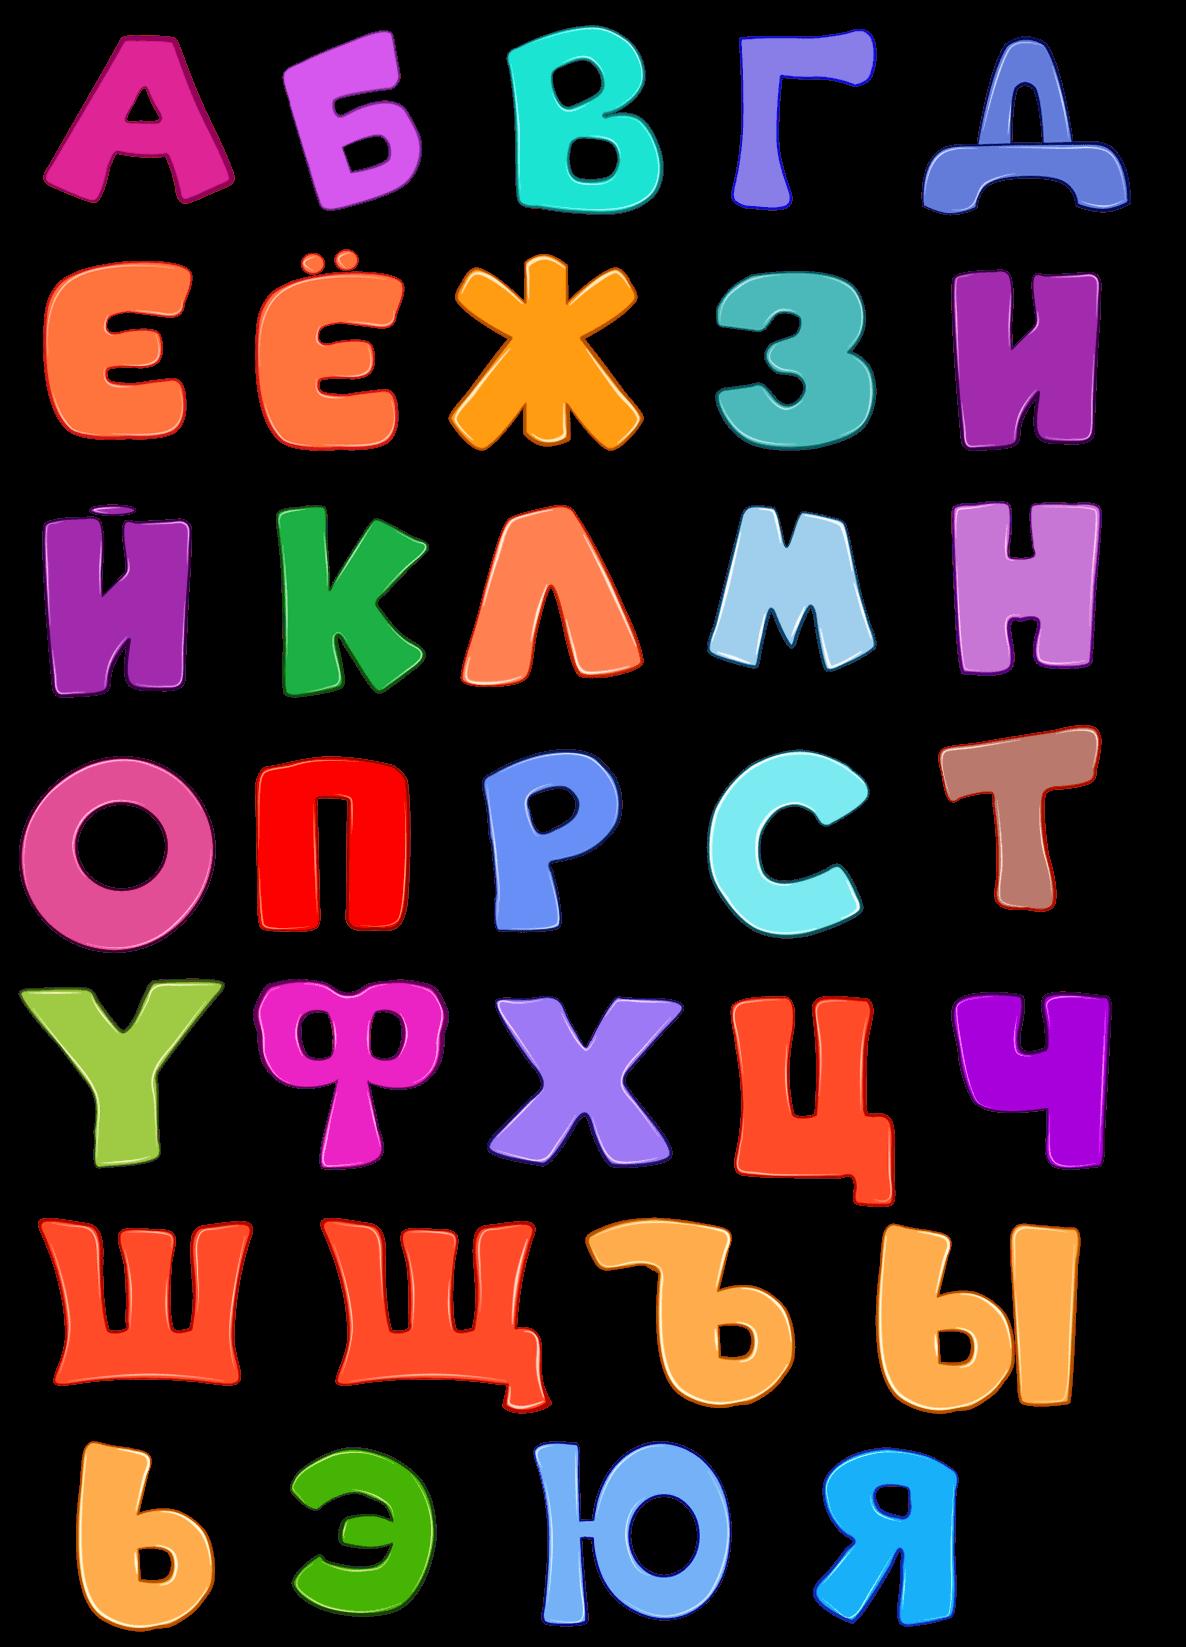 абсурда, алфавит русский картинки с днем рождения результате цыпленок